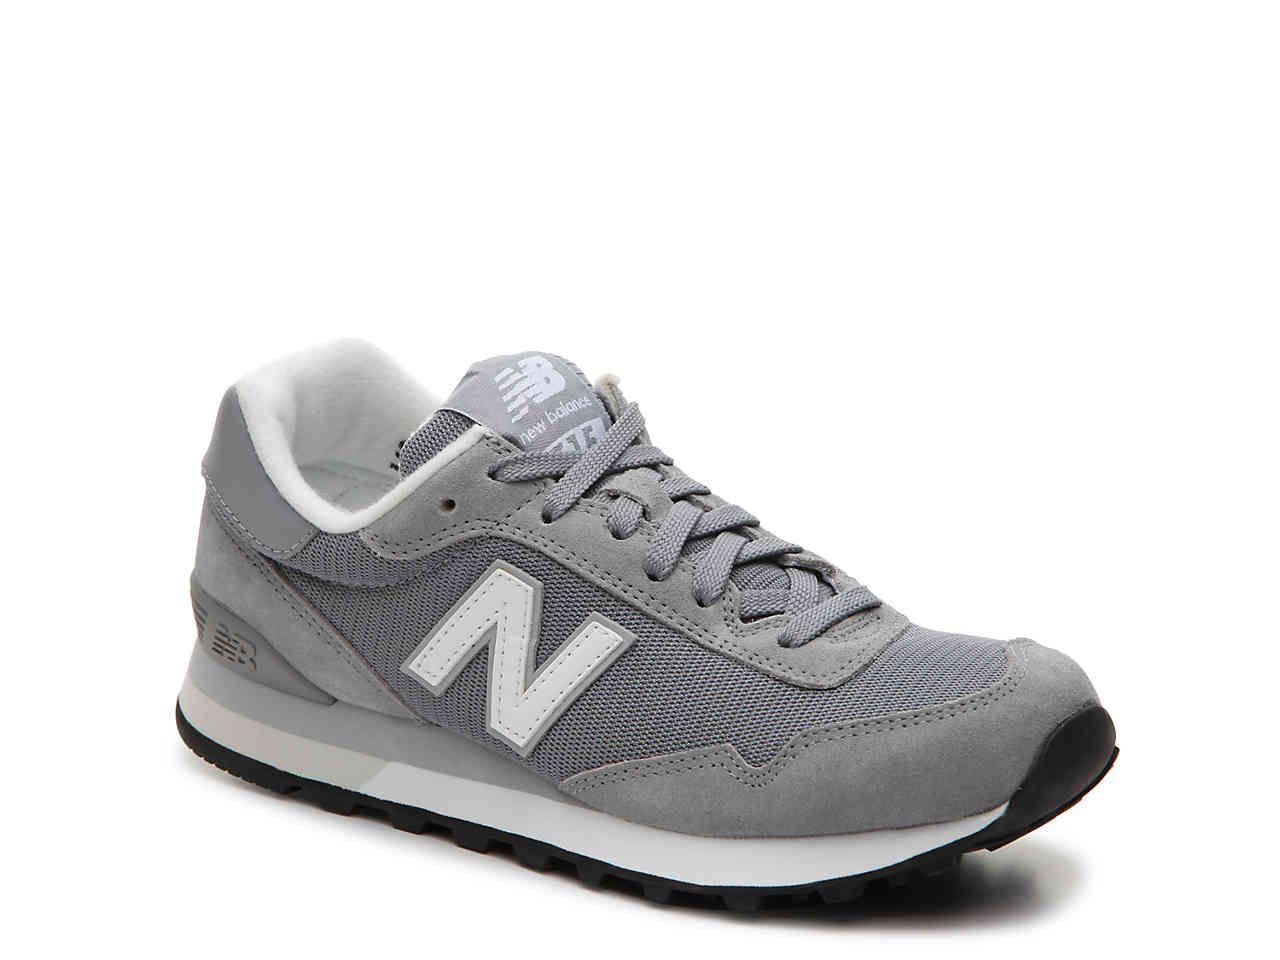 New Balance 515 Sneaker - Women's in